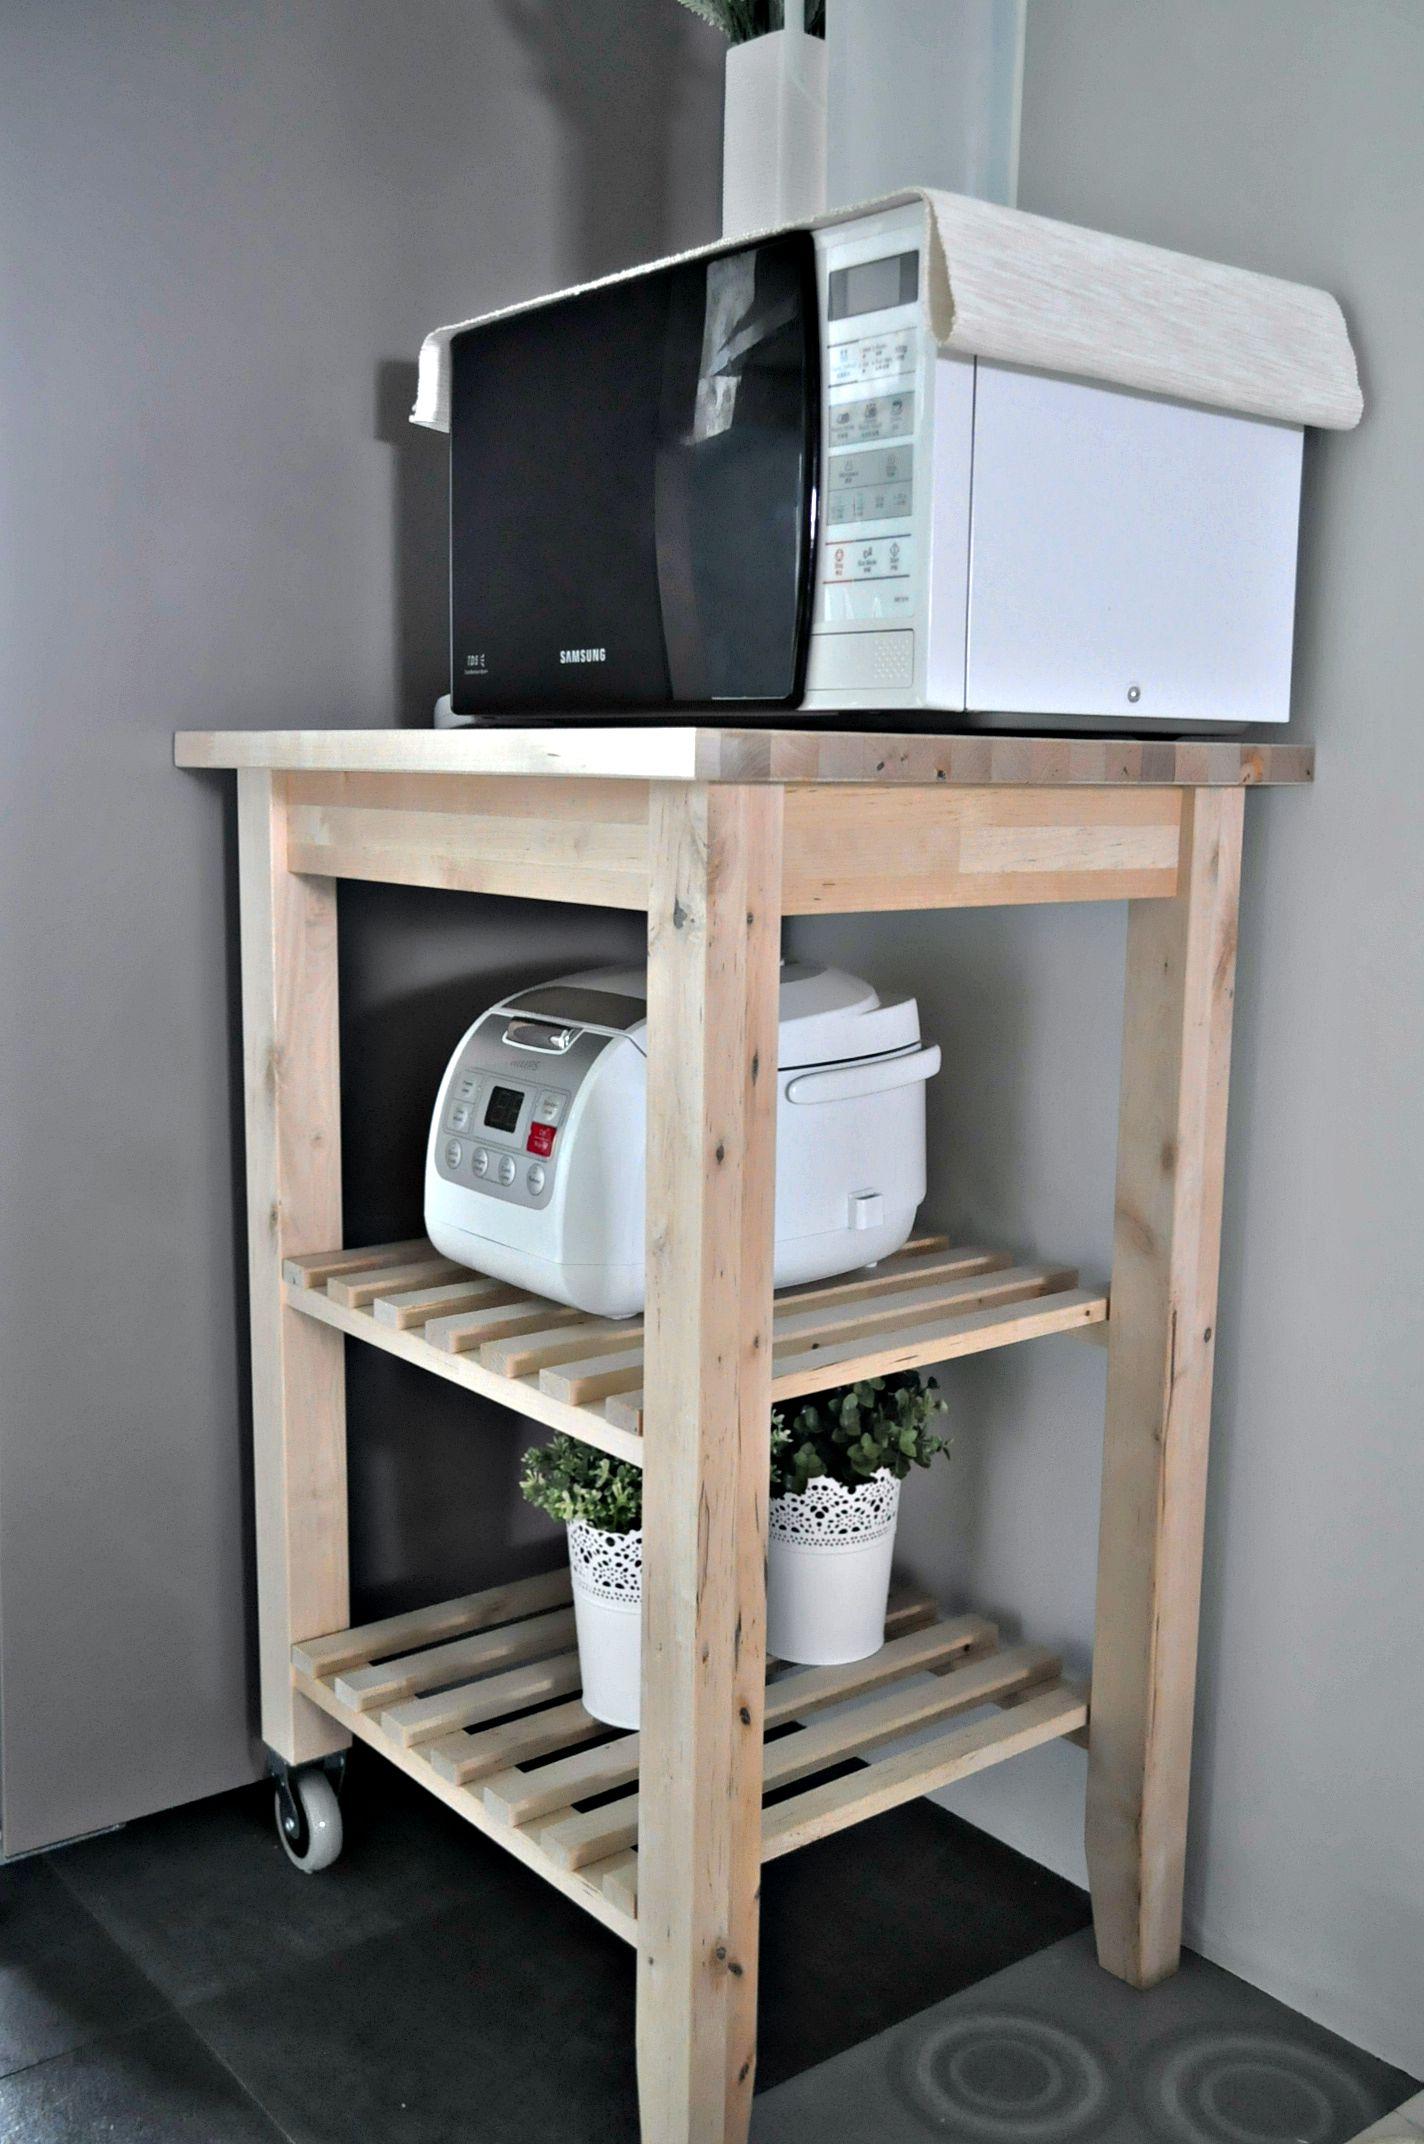 Tolle Ikea Singapur Kinder Küche Ideen - Ideen Für Die Küche ...